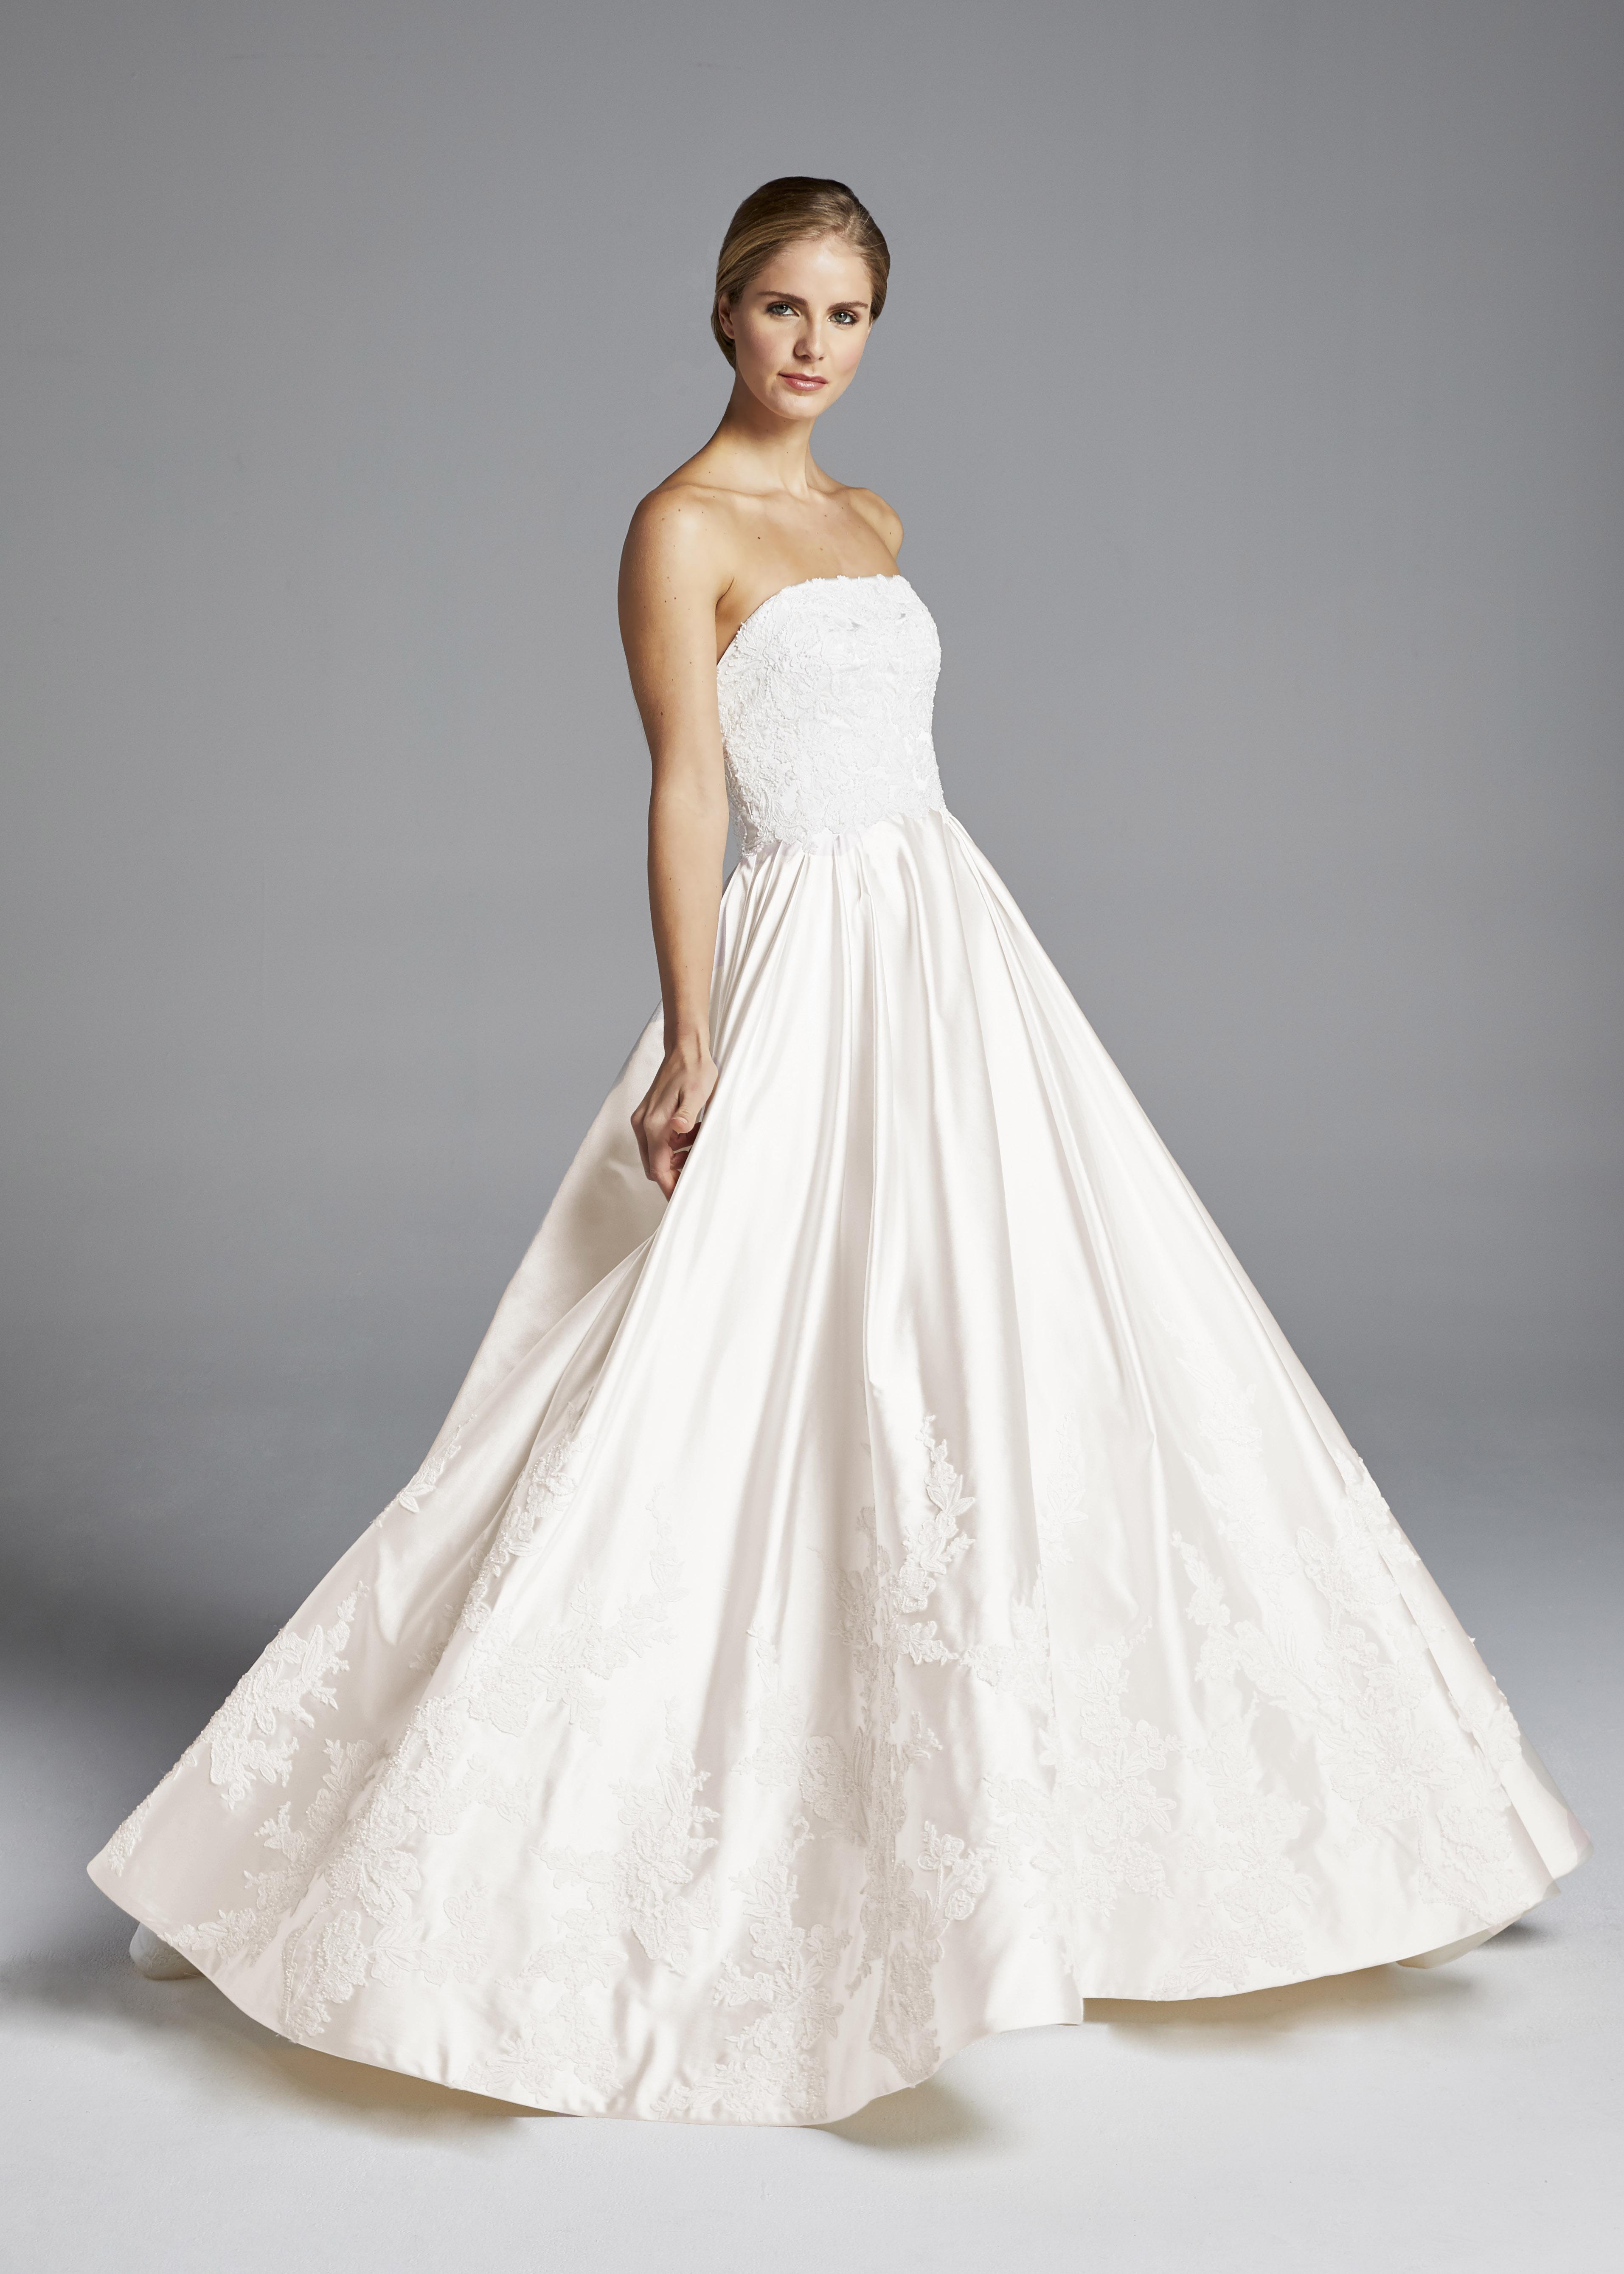 anne barge off the shoulder floral a-line wedding dress spring 2019